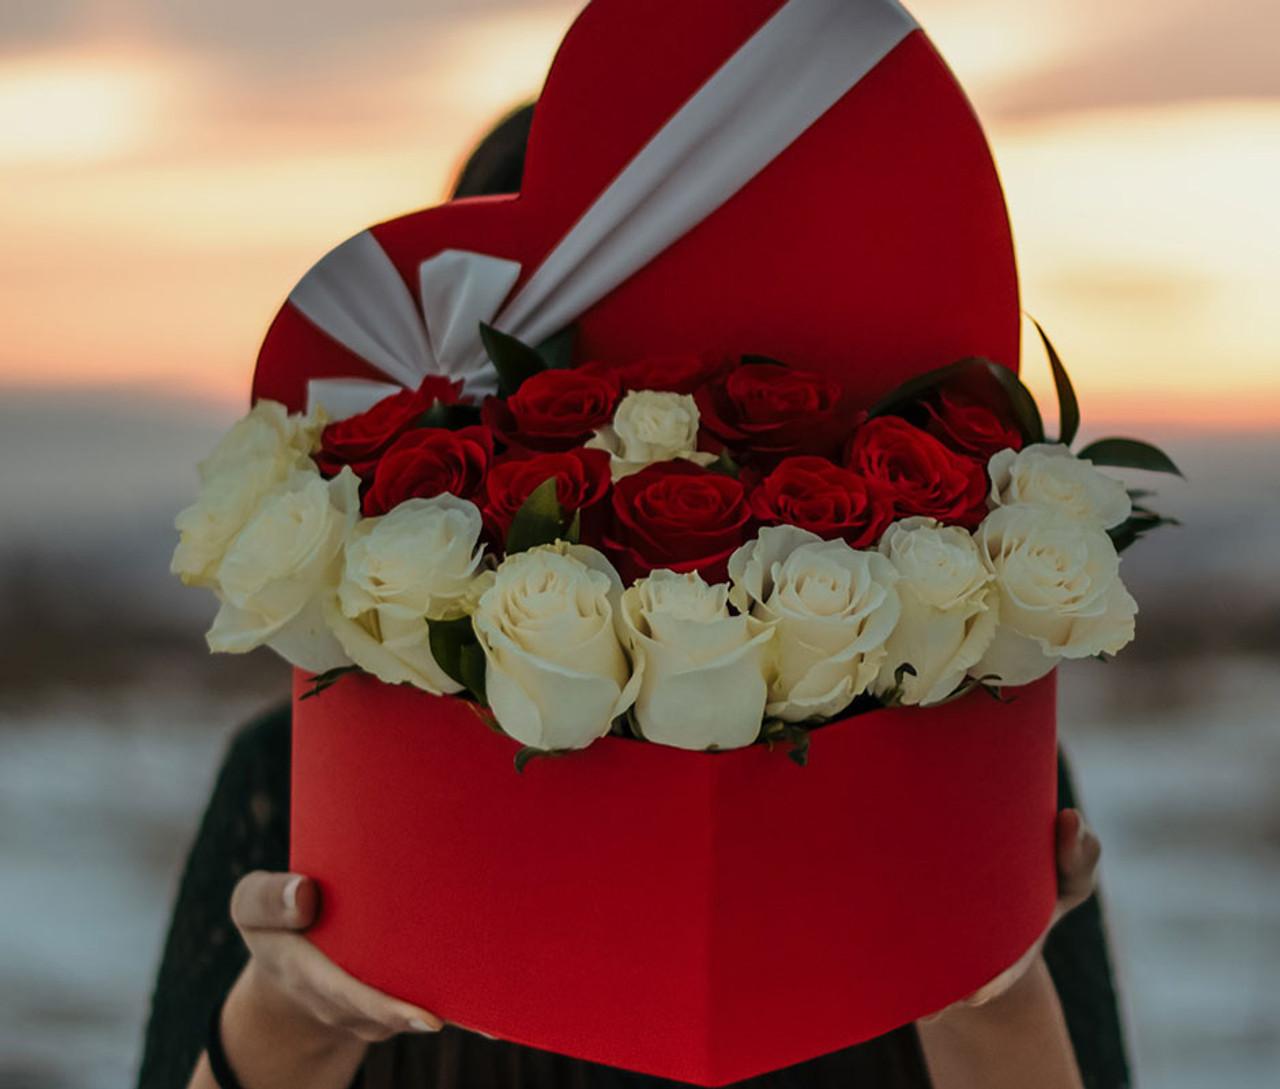 Luxe Ecuadorian Roses Love Box